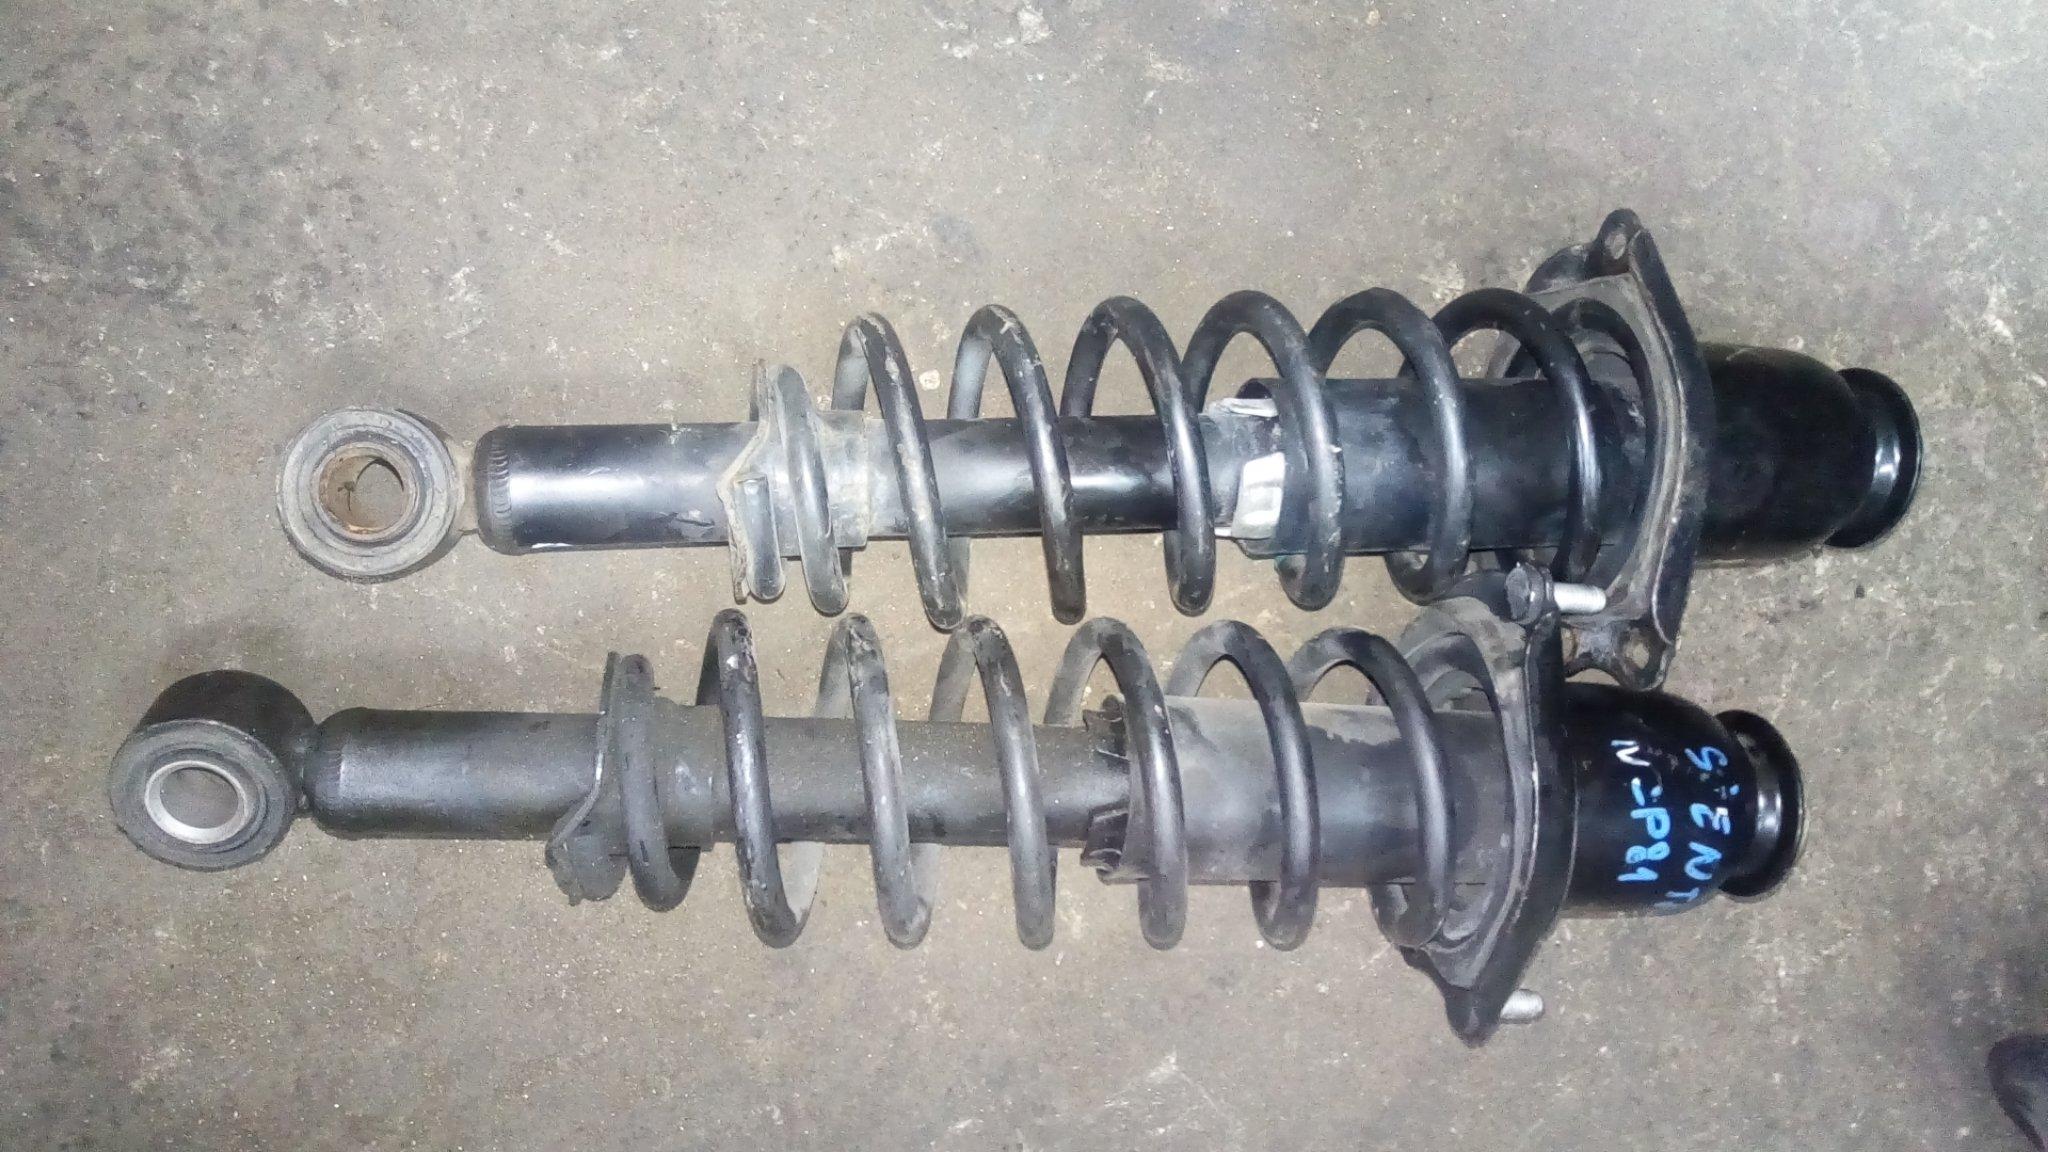 Sienta ncp81 front shocks 01330